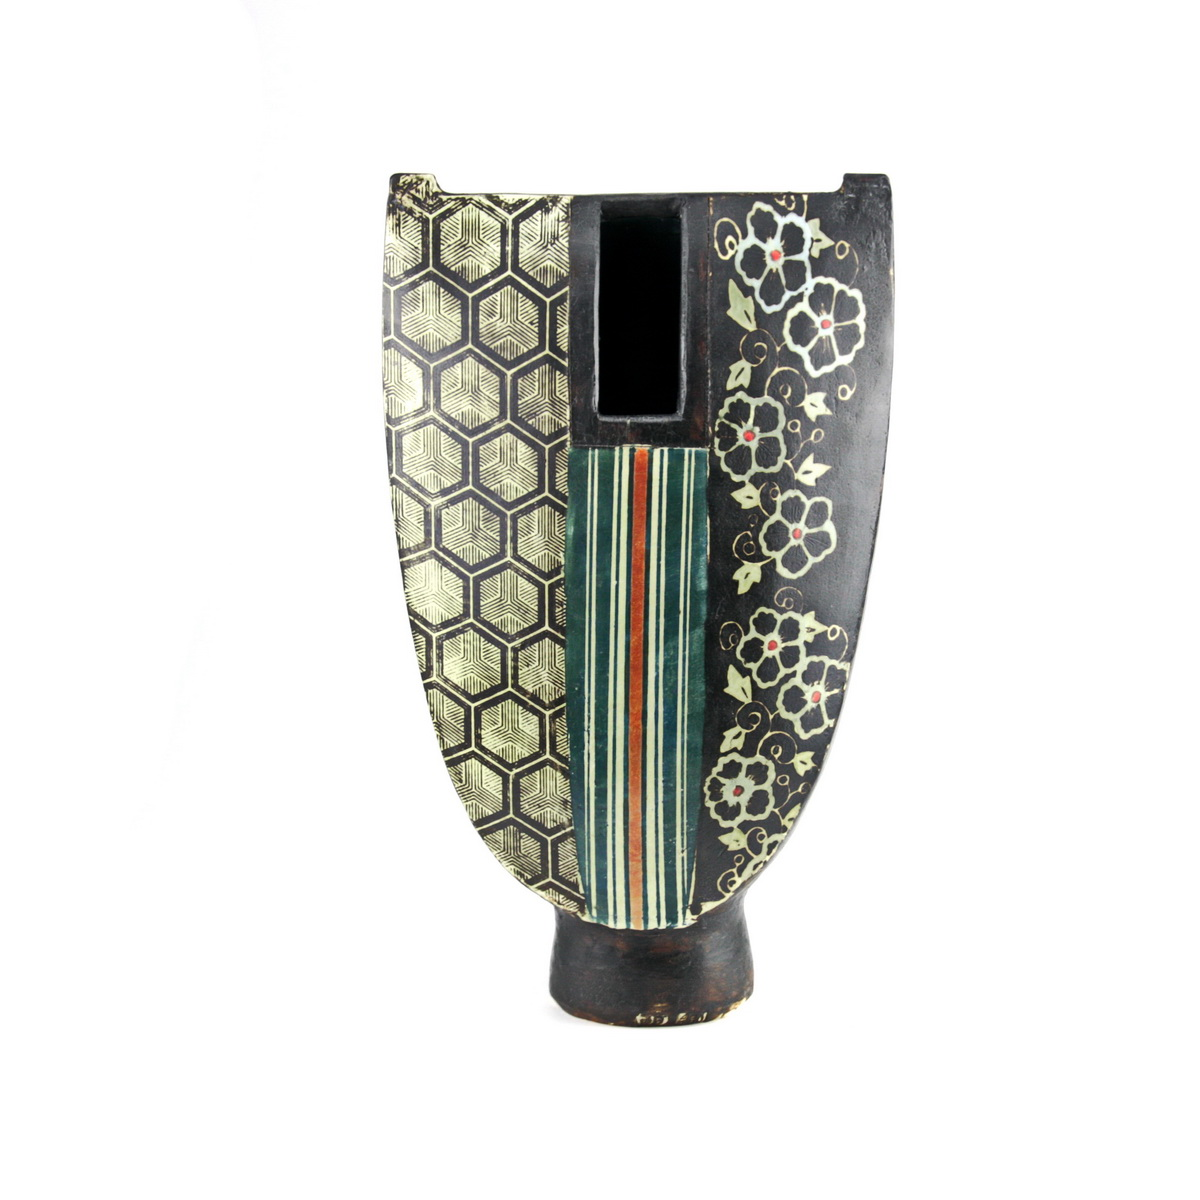 Pot in kimono 5 - 36x22cm  SOLD - P21